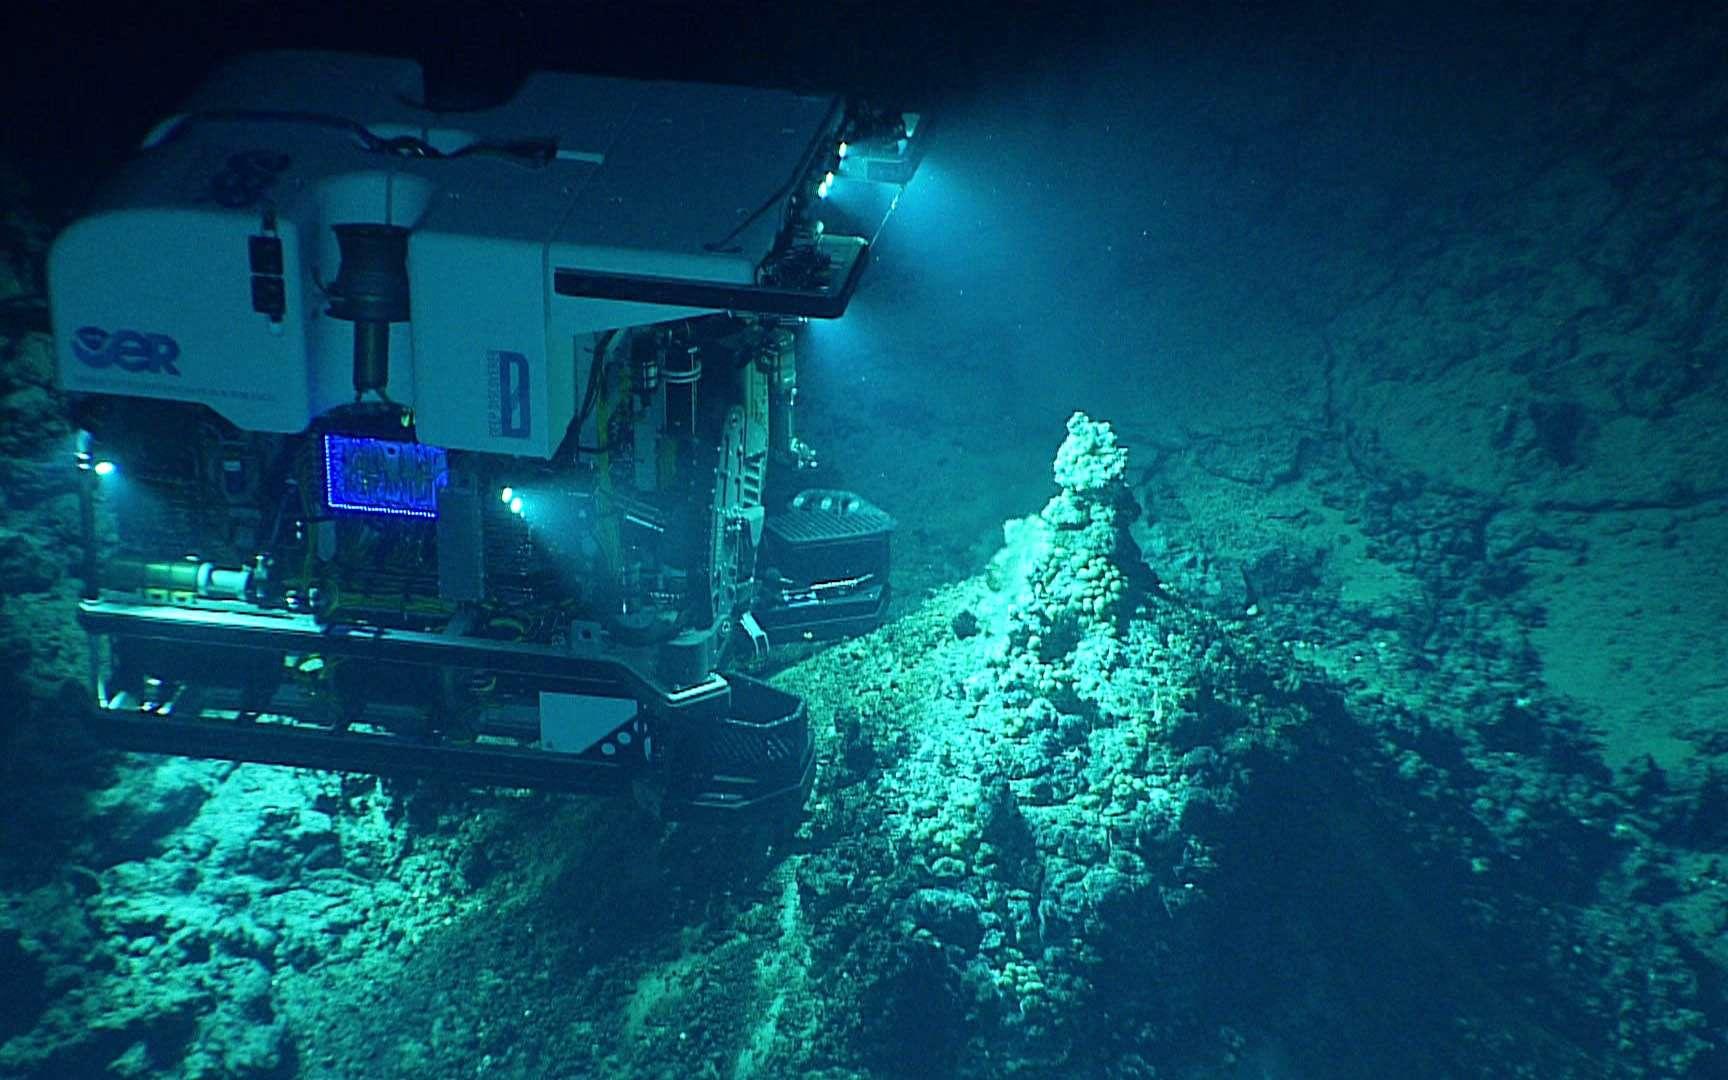 Ce robot, utilisé par les membres d'une mission de la NOAA à bord du navire Okeanos Explorer, est en plein travail autour d'une source hydrothermale de la fosse des Mariannes. © NOAA